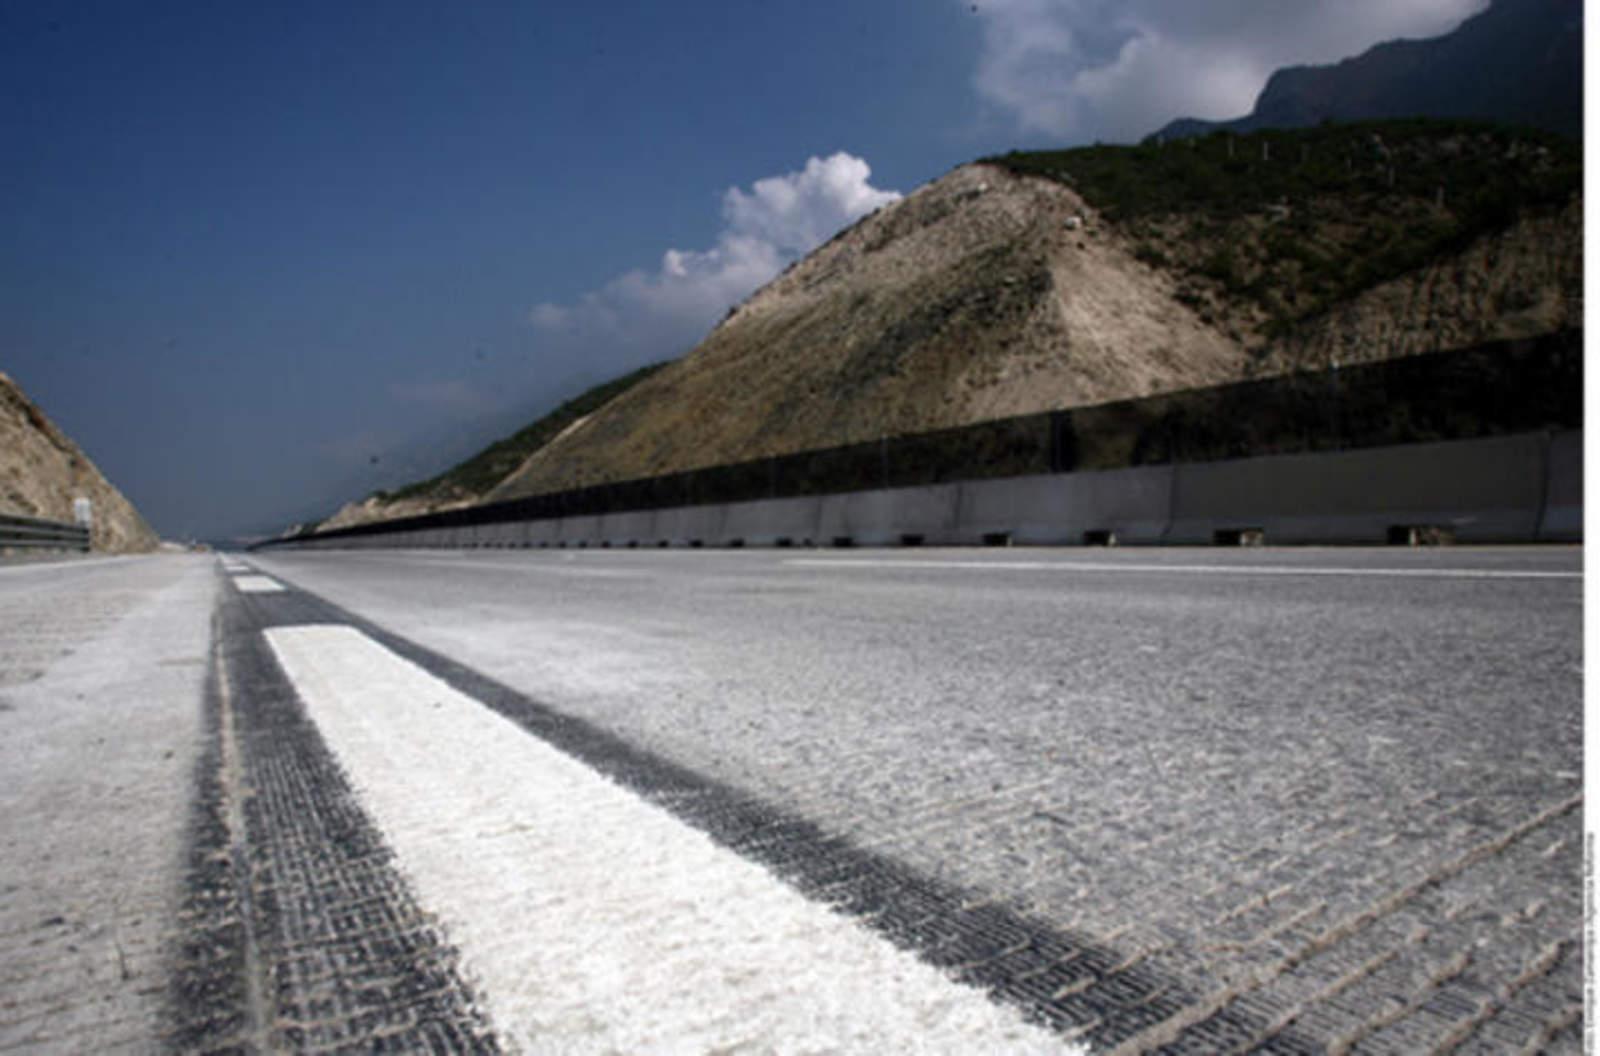 Reabren autopista Saltillo-Monterrey tras cierre por niebla